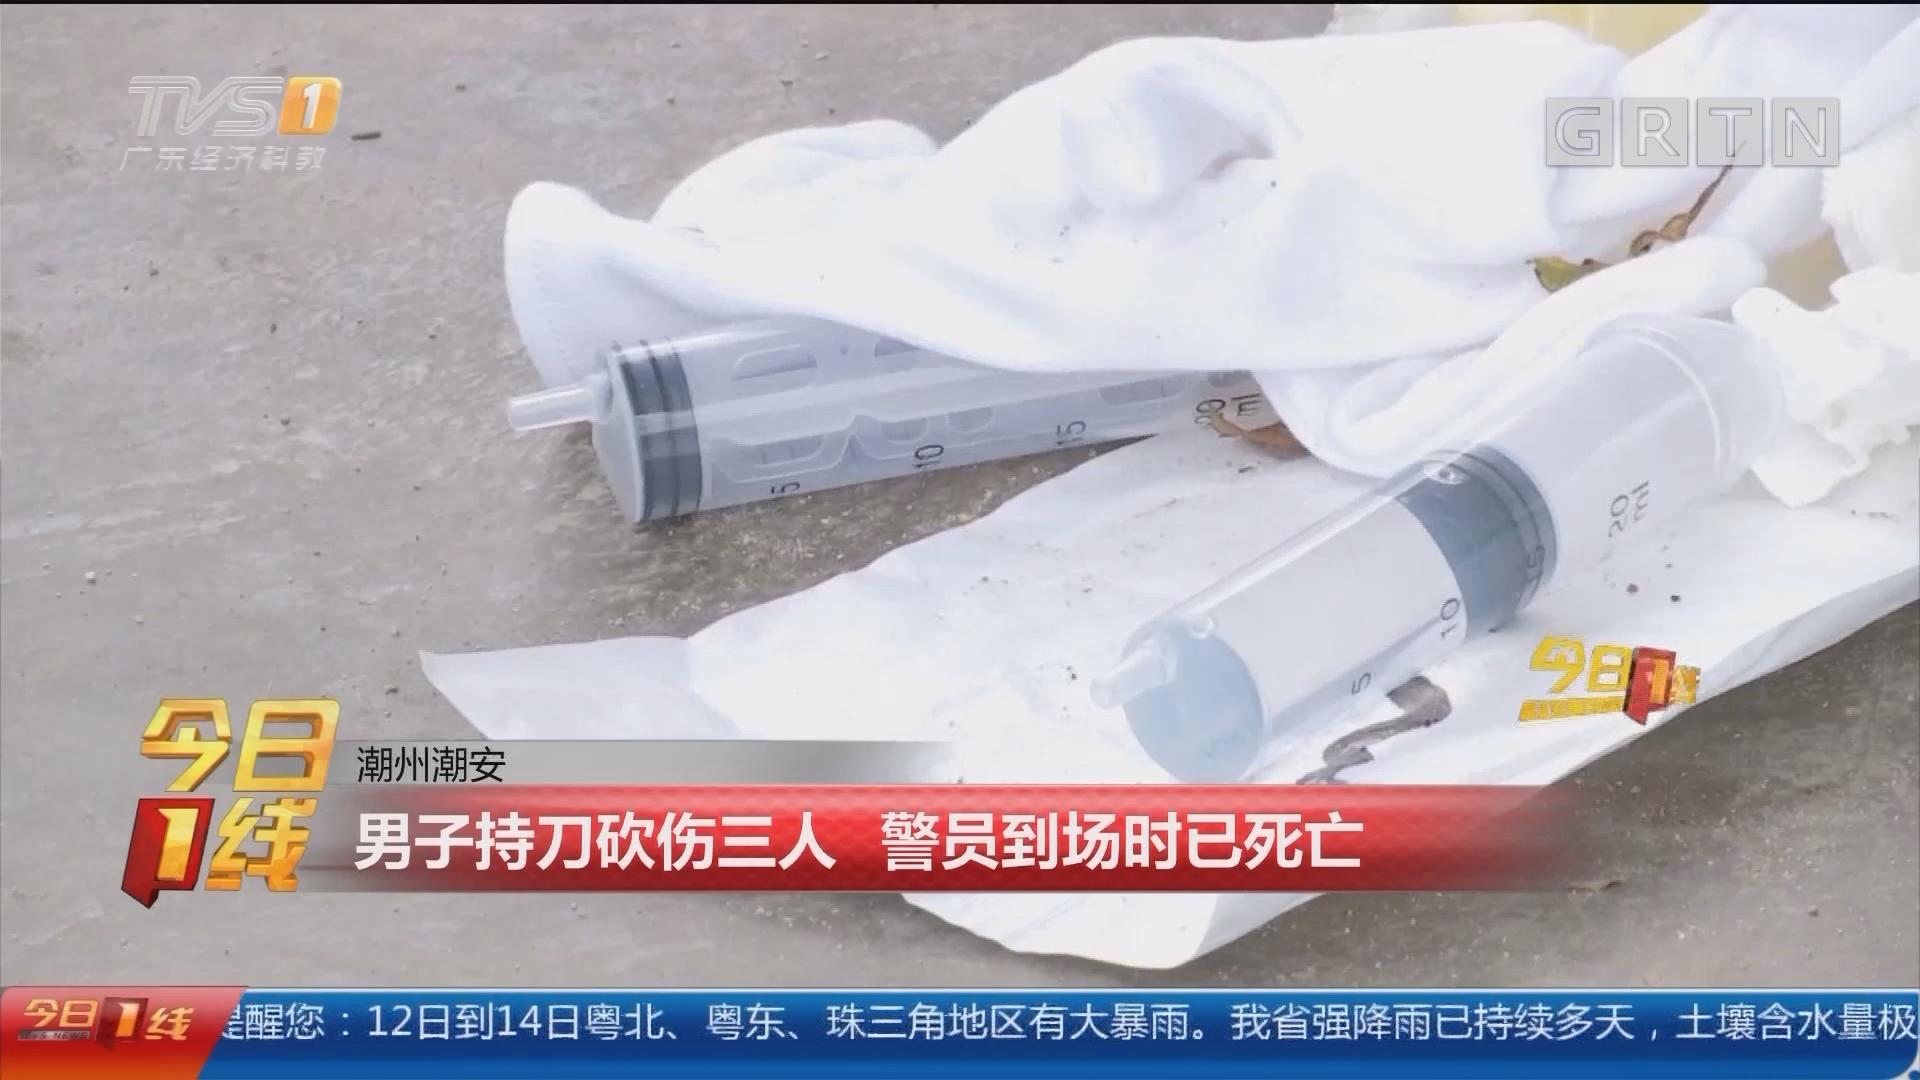 潮州潮安:男子持刀砍伤三人 警员到场时已死亡